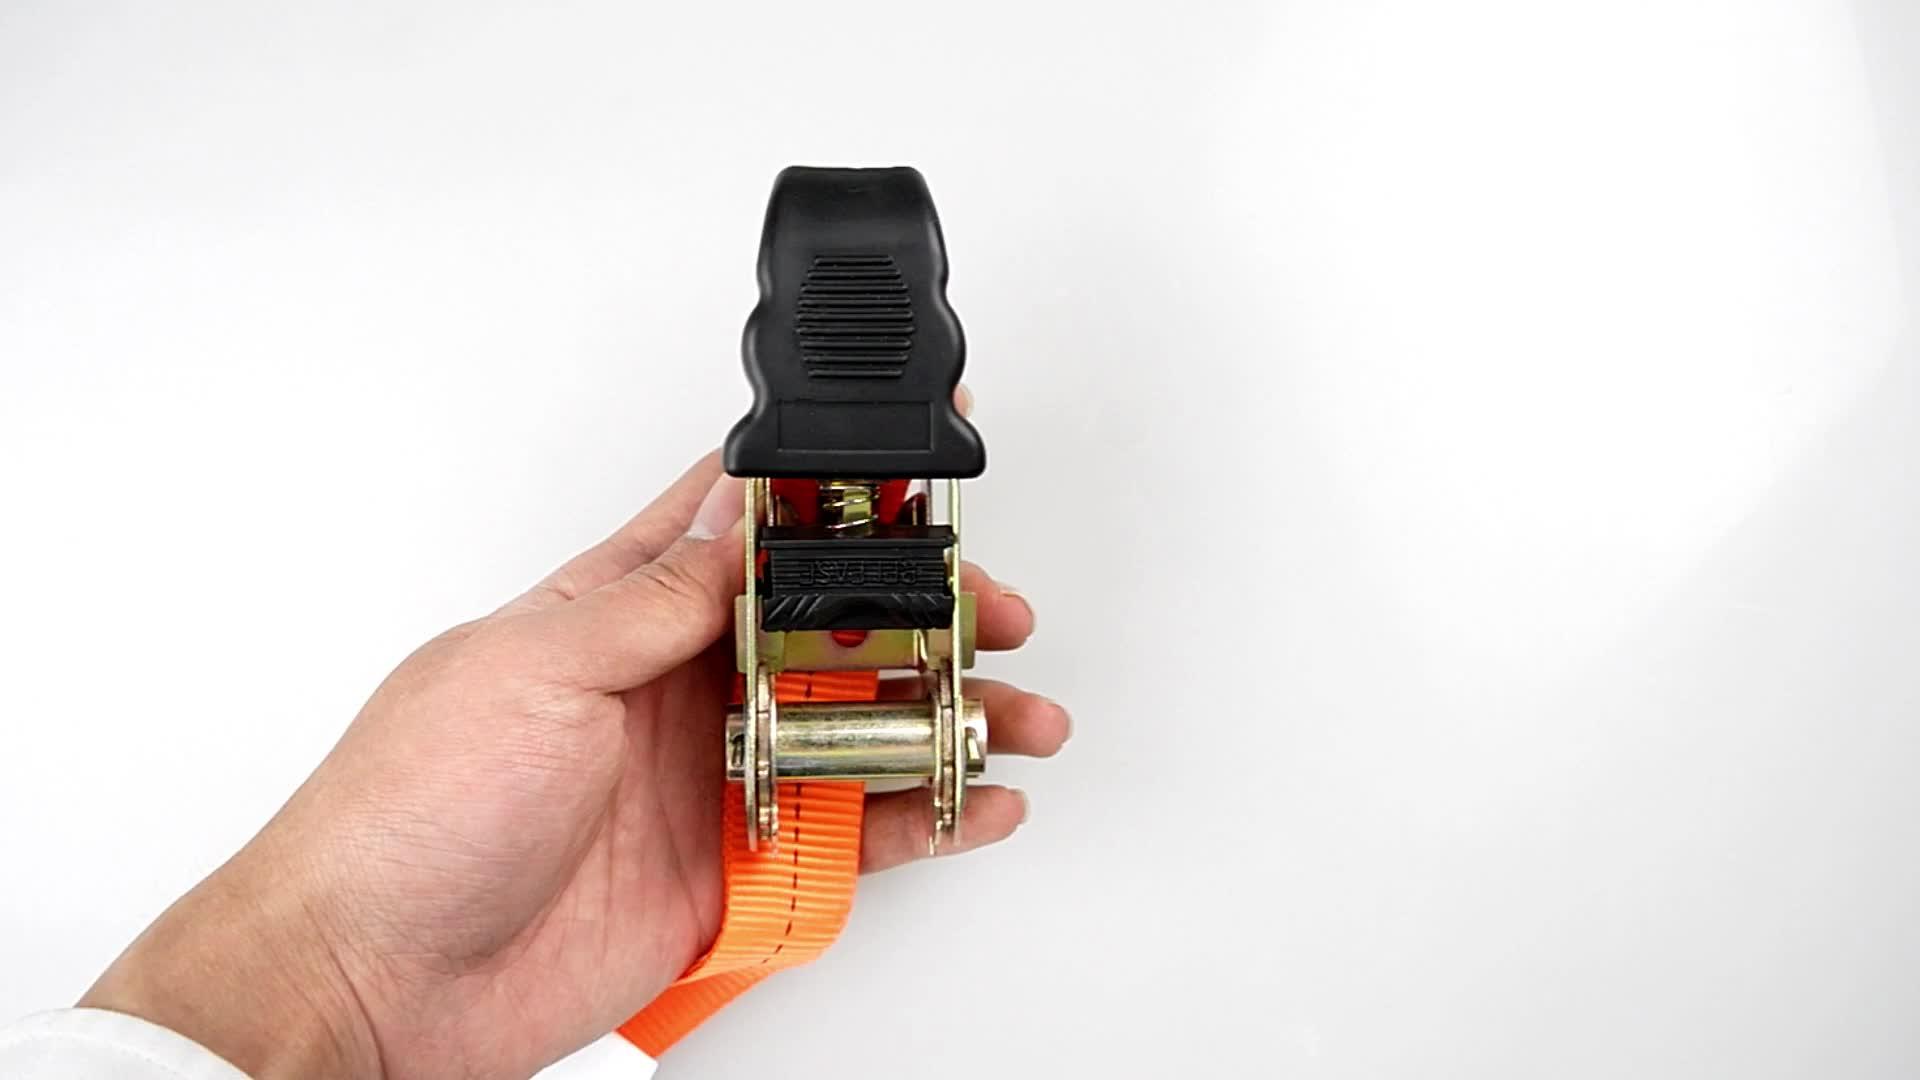 GS chứng nhận 25mm 1 inch nhựa xử lý ratchet căng dây đeo ratchet tie xuống